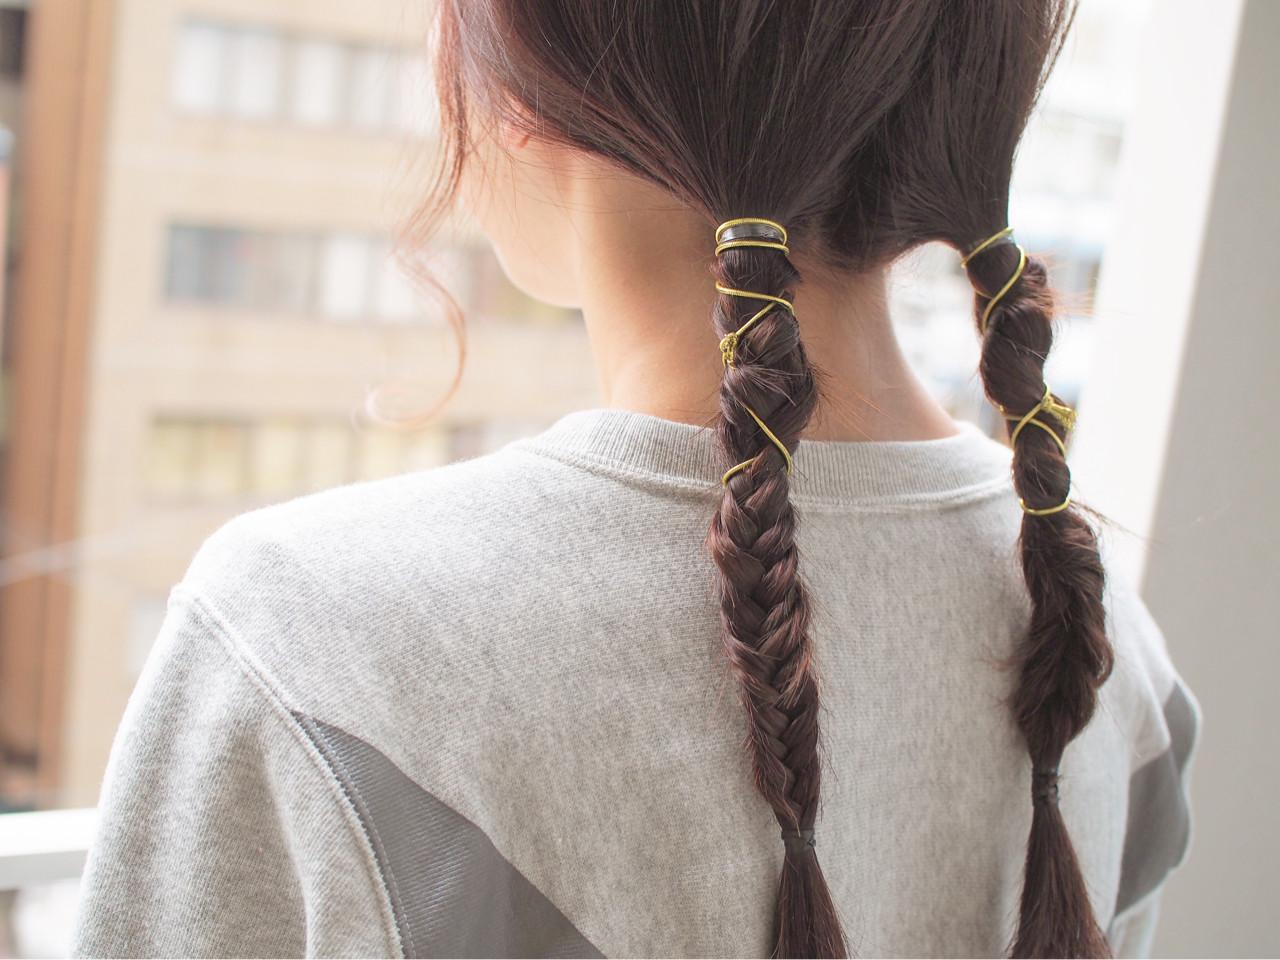 簡単ヘアアレンジ グラデーションカラー ハイライト ヘアアレンジ ヘアスタイルや髪型の写真・画像 | 津村正和/大阪心斎橋 / freelance